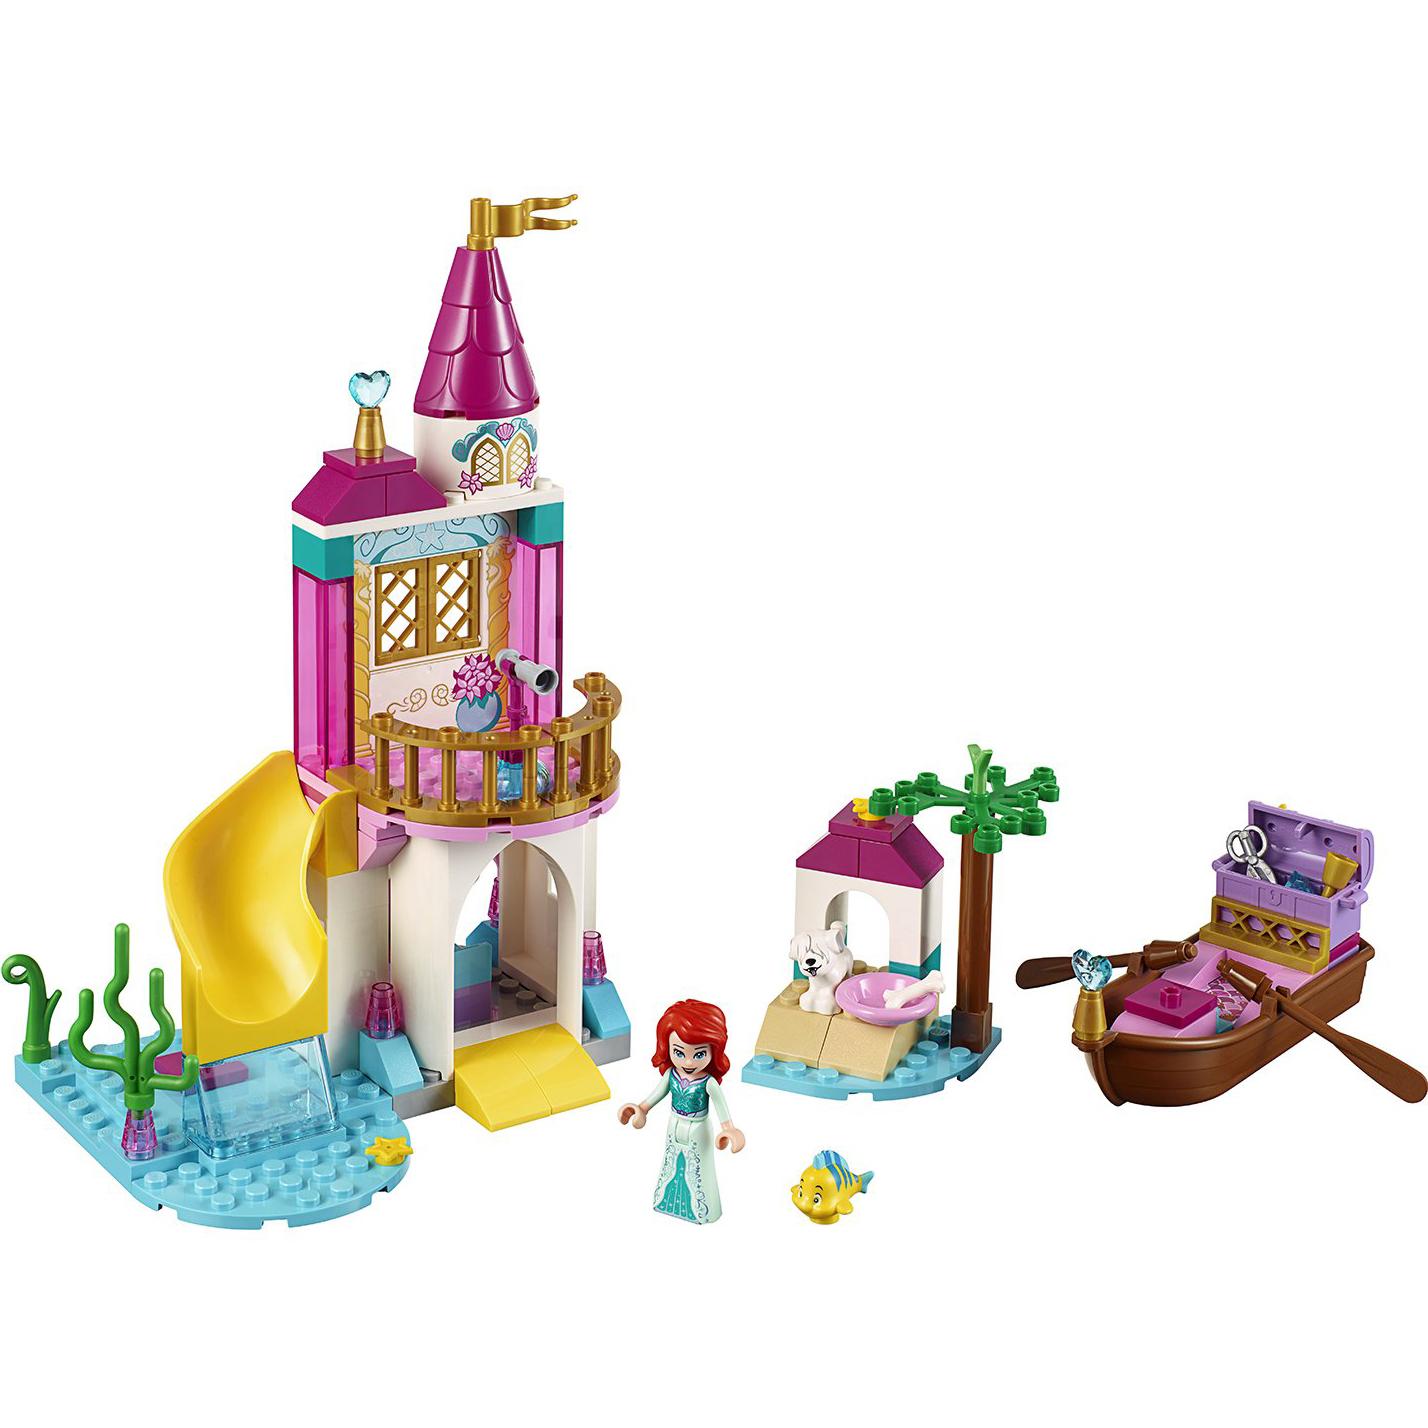 Купить Конструктор Lego Disney Princess Морской замок Ариэль 41160, пластик, для девочек, Конструкторы, пазлы